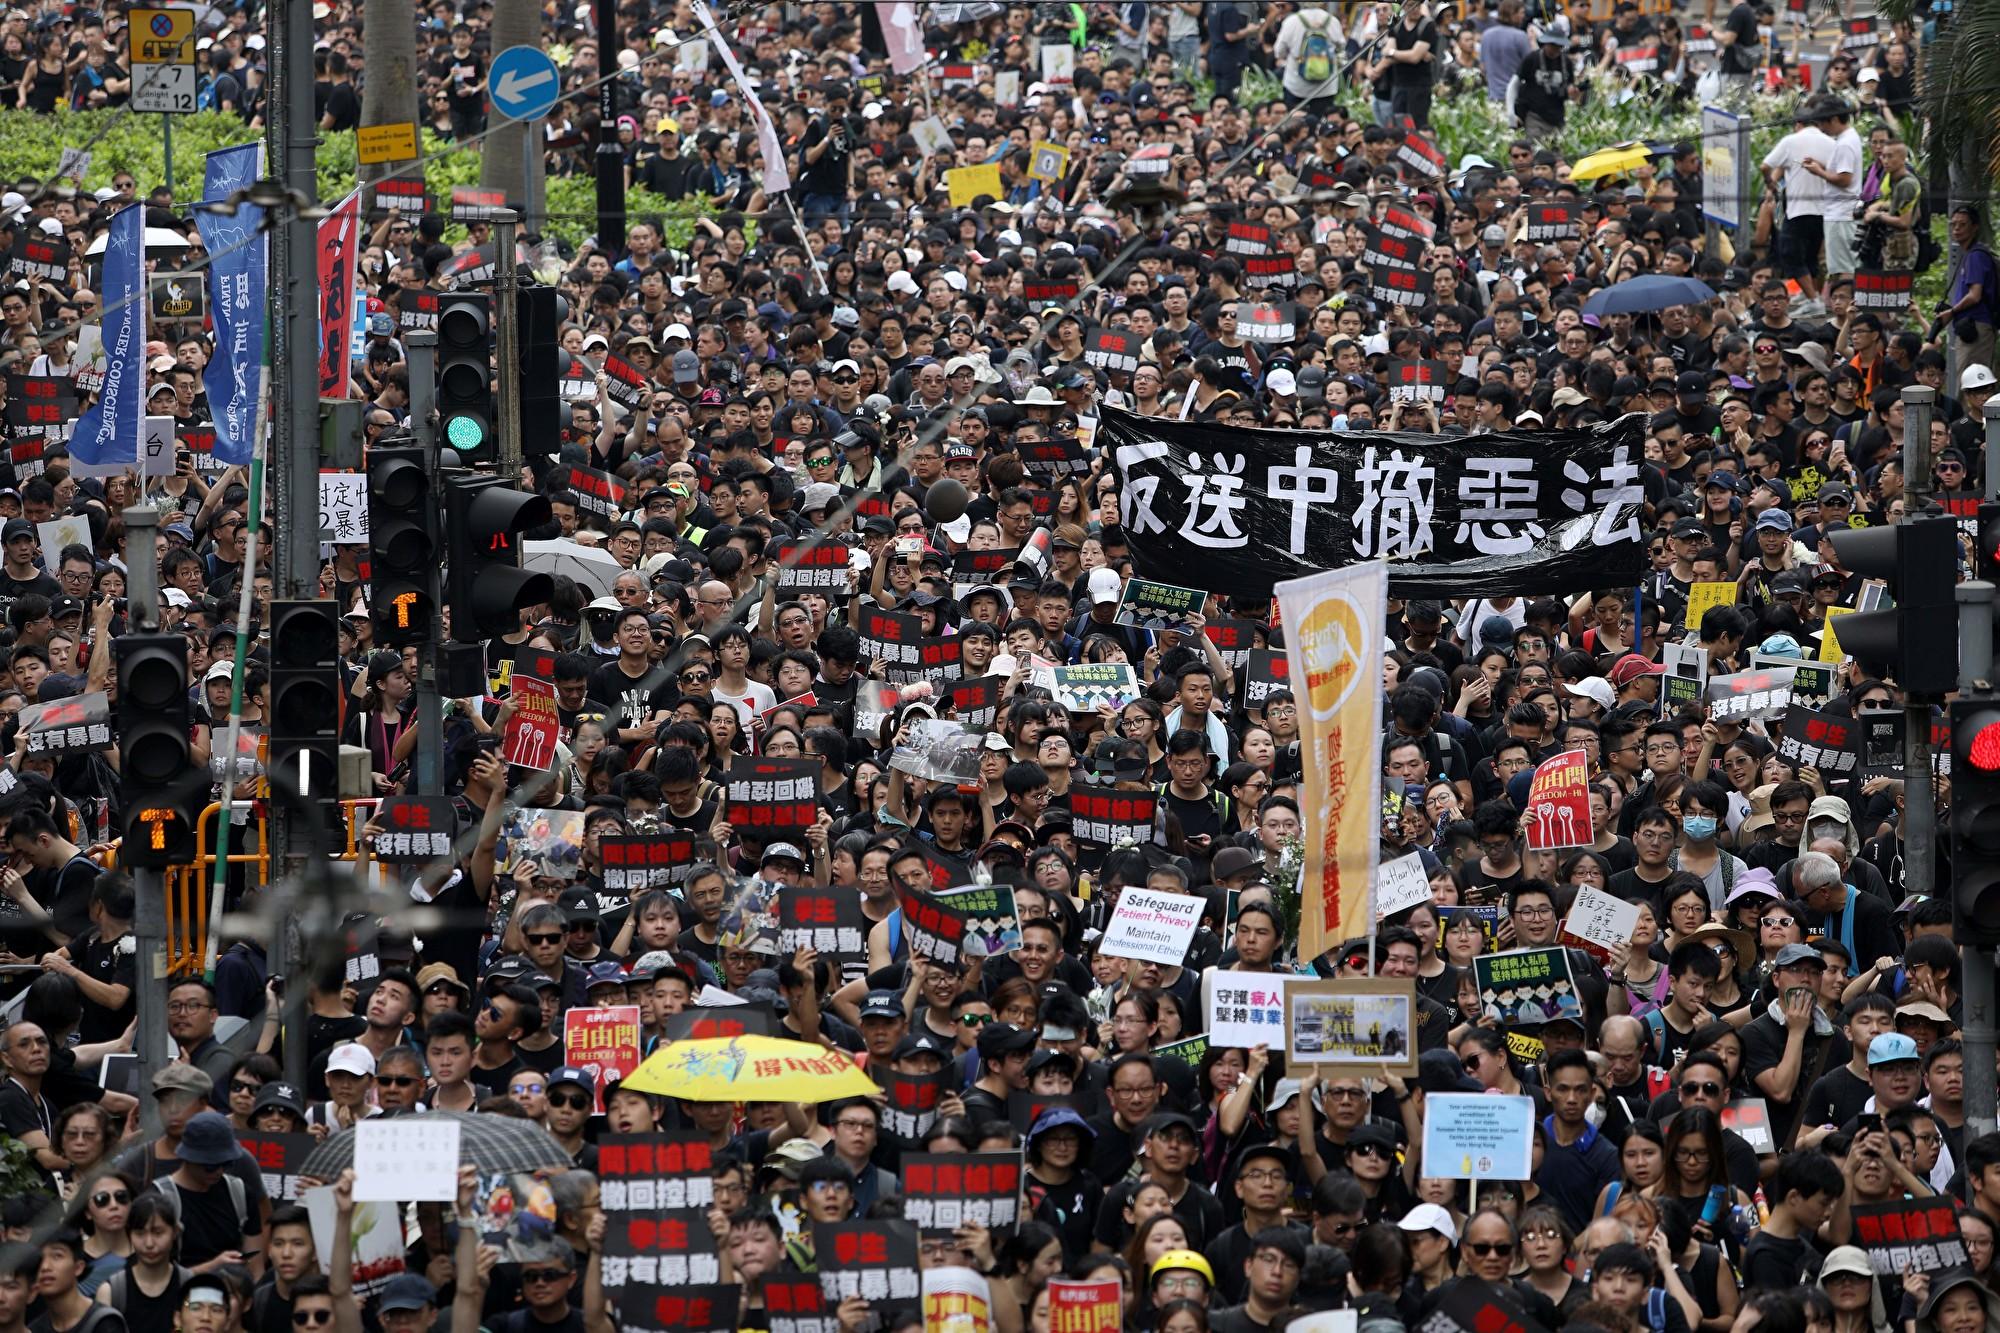 《時代》最具影響力網絡人物 港示威者上榜